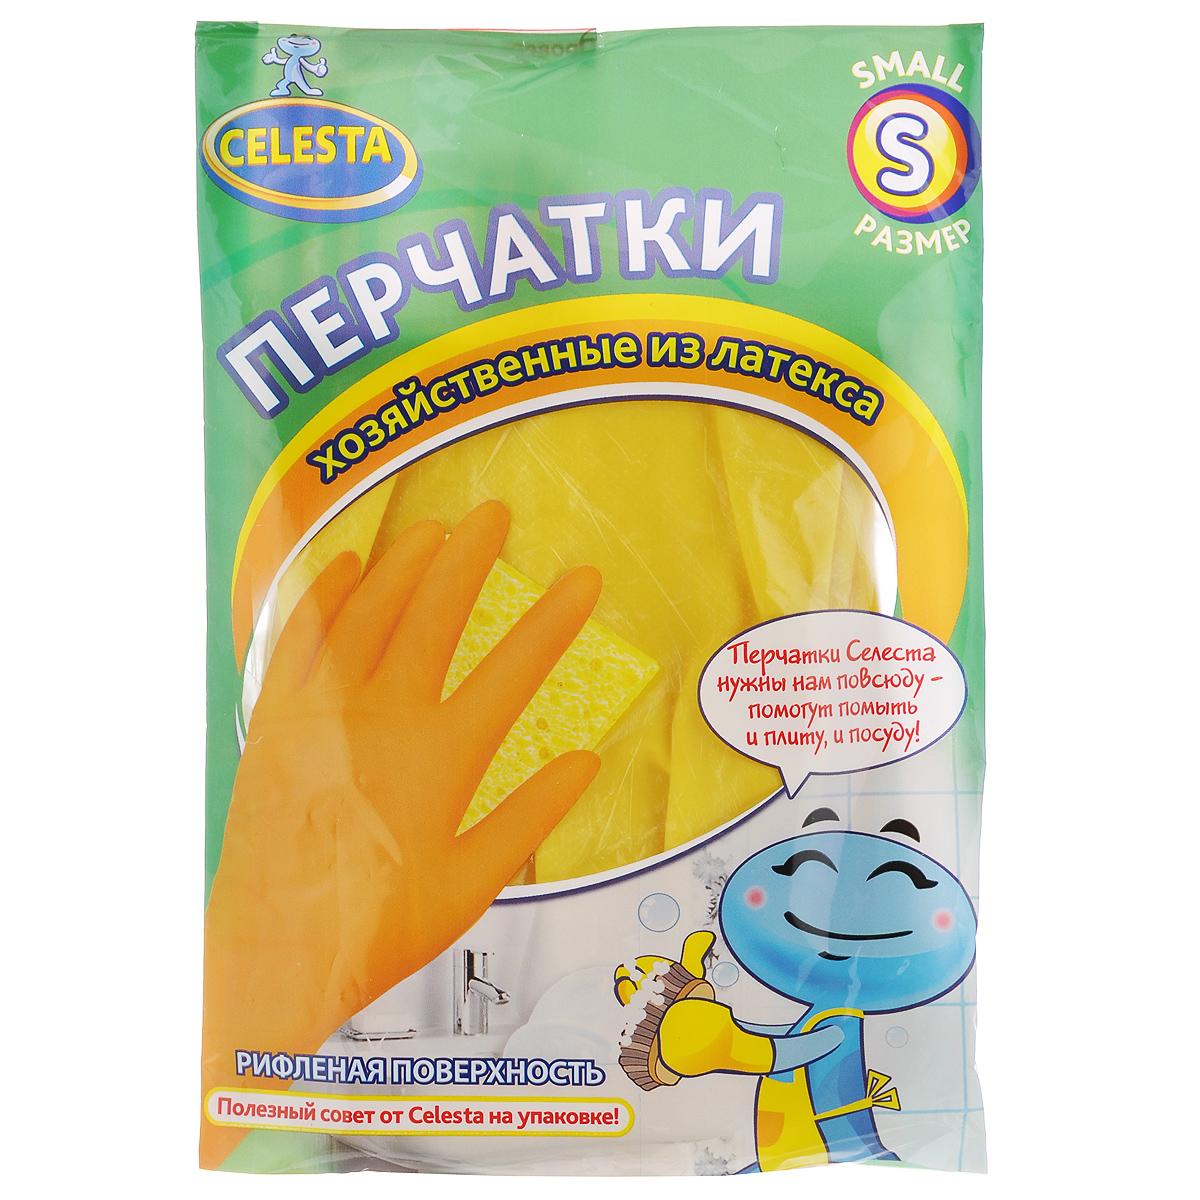 Перчатки хозяйственные Celesta, цвет: желтый. Размер S558 S_желтыйУниверсальные перчатки Celesta произведены из высококачественного латекса, рифленая поверхность позволяет удерживать мокрые предметы. Перчатки подходят для различных видов домашних работ. Перчатки эластичны, хорошо облегают руку.